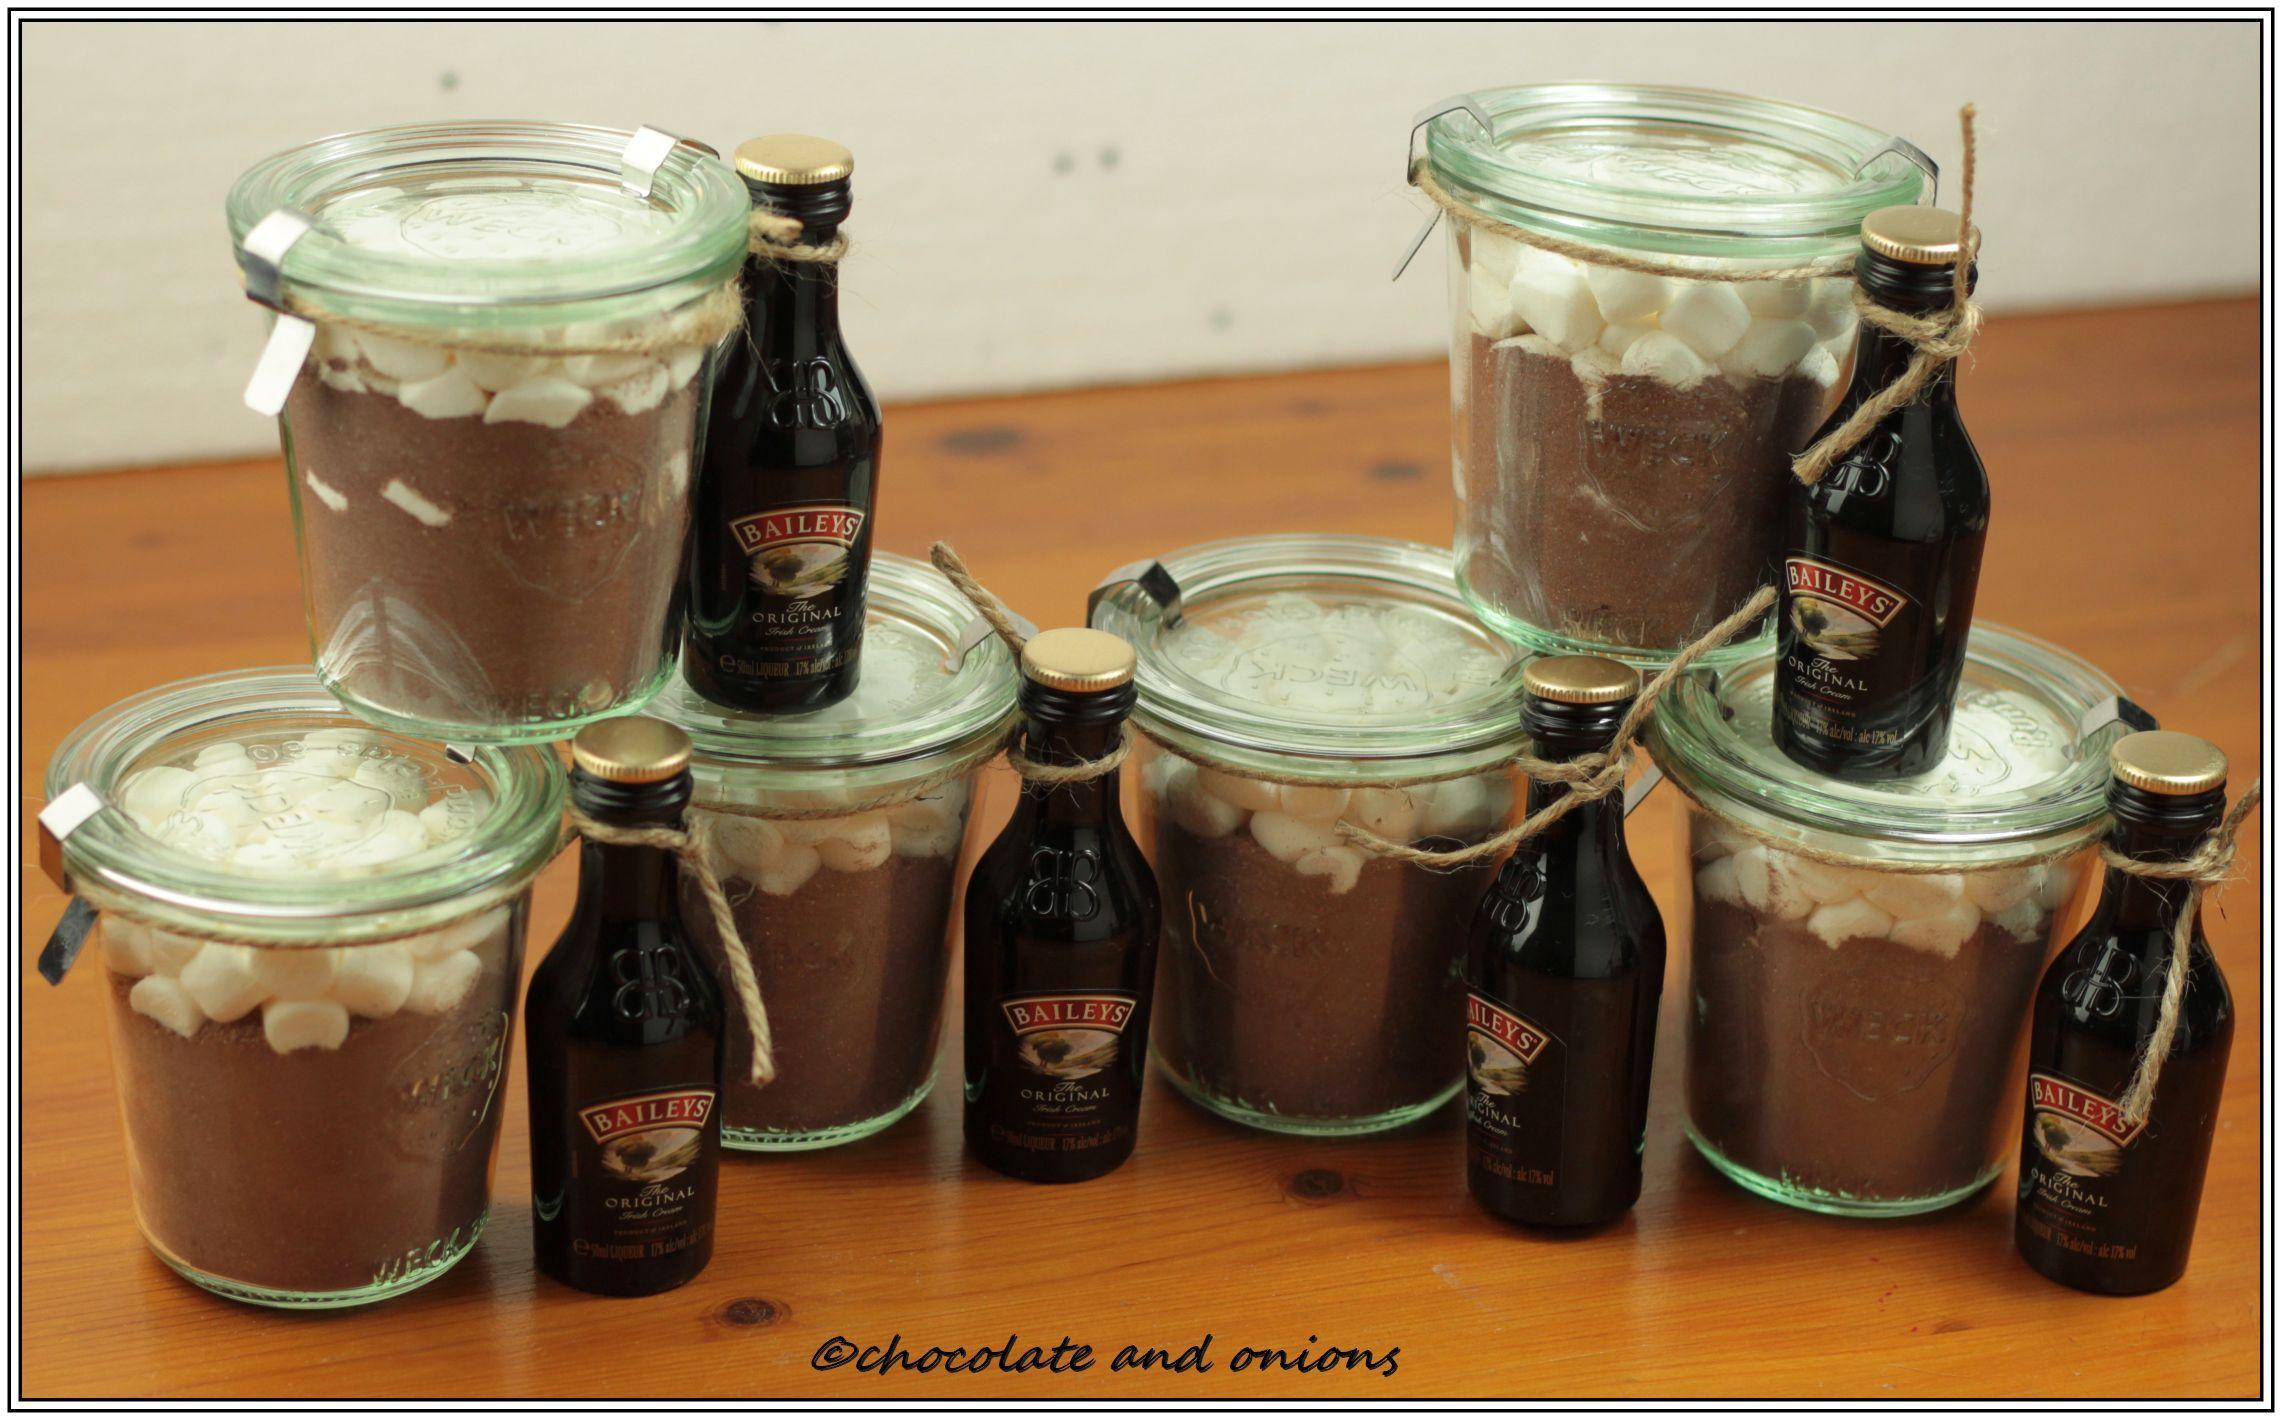 Heiße Schokolade Mix (Hot Chocolate Mix) – Geschenke aus dem Glas 8… Crash, Boom, Bang…